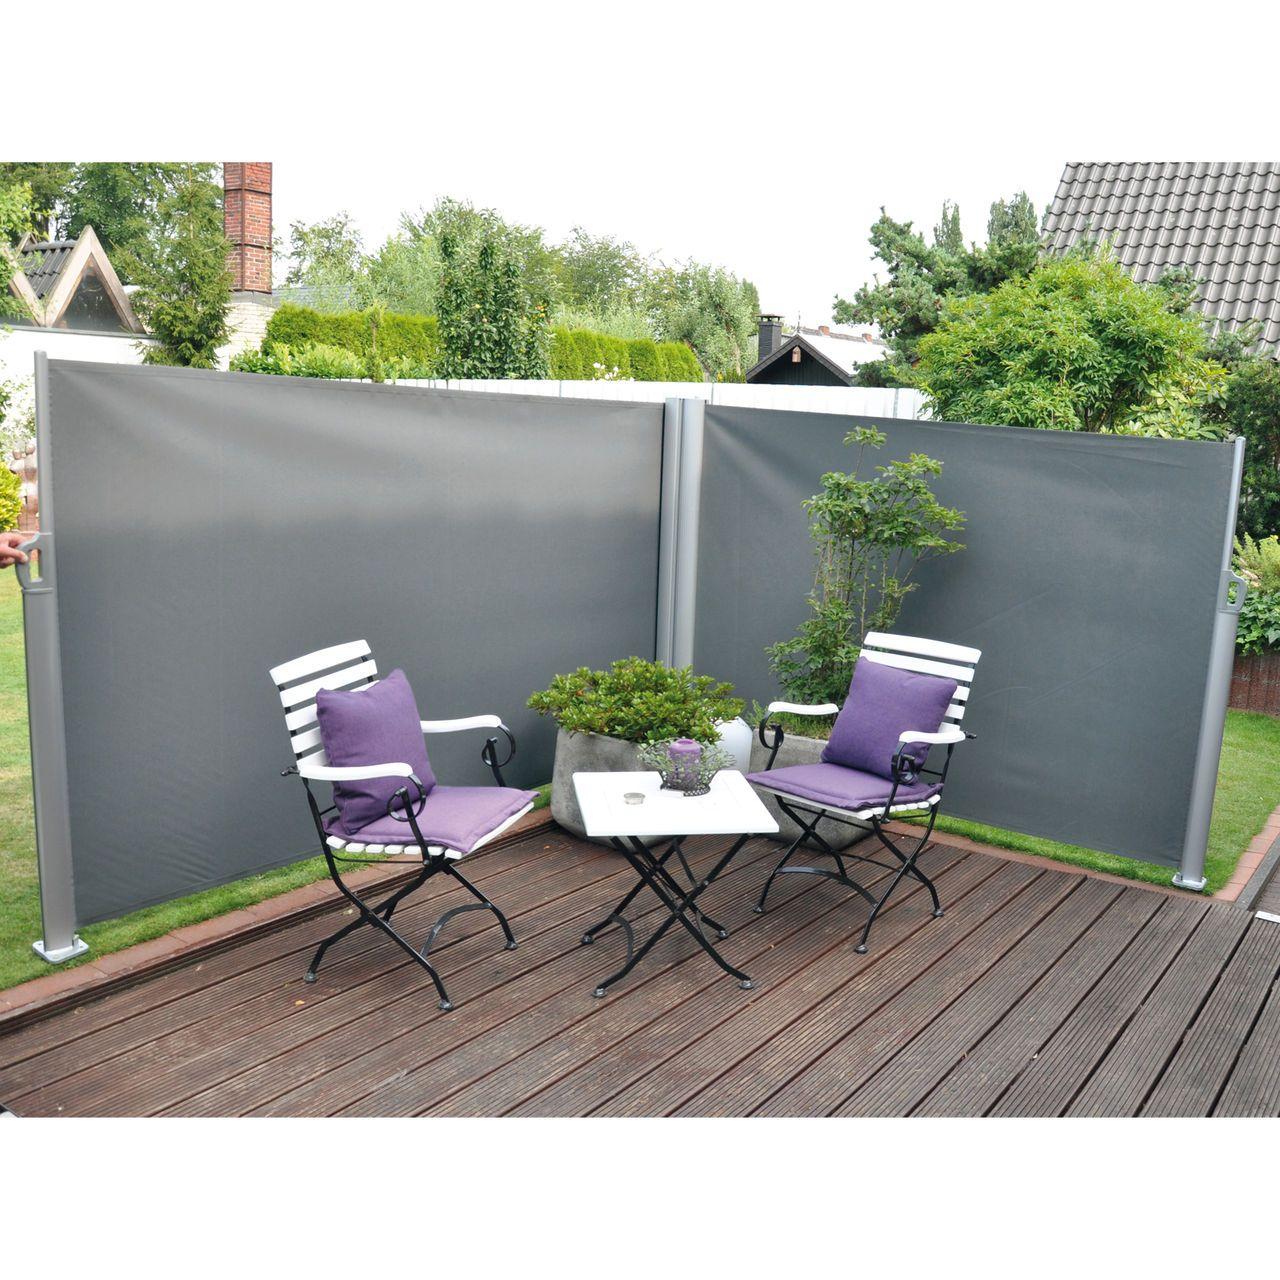 ausziehbare seitenmarkise als windschutz und sichtschutz garten. Black Bedroom Furniture Sets. Home Design Ideas